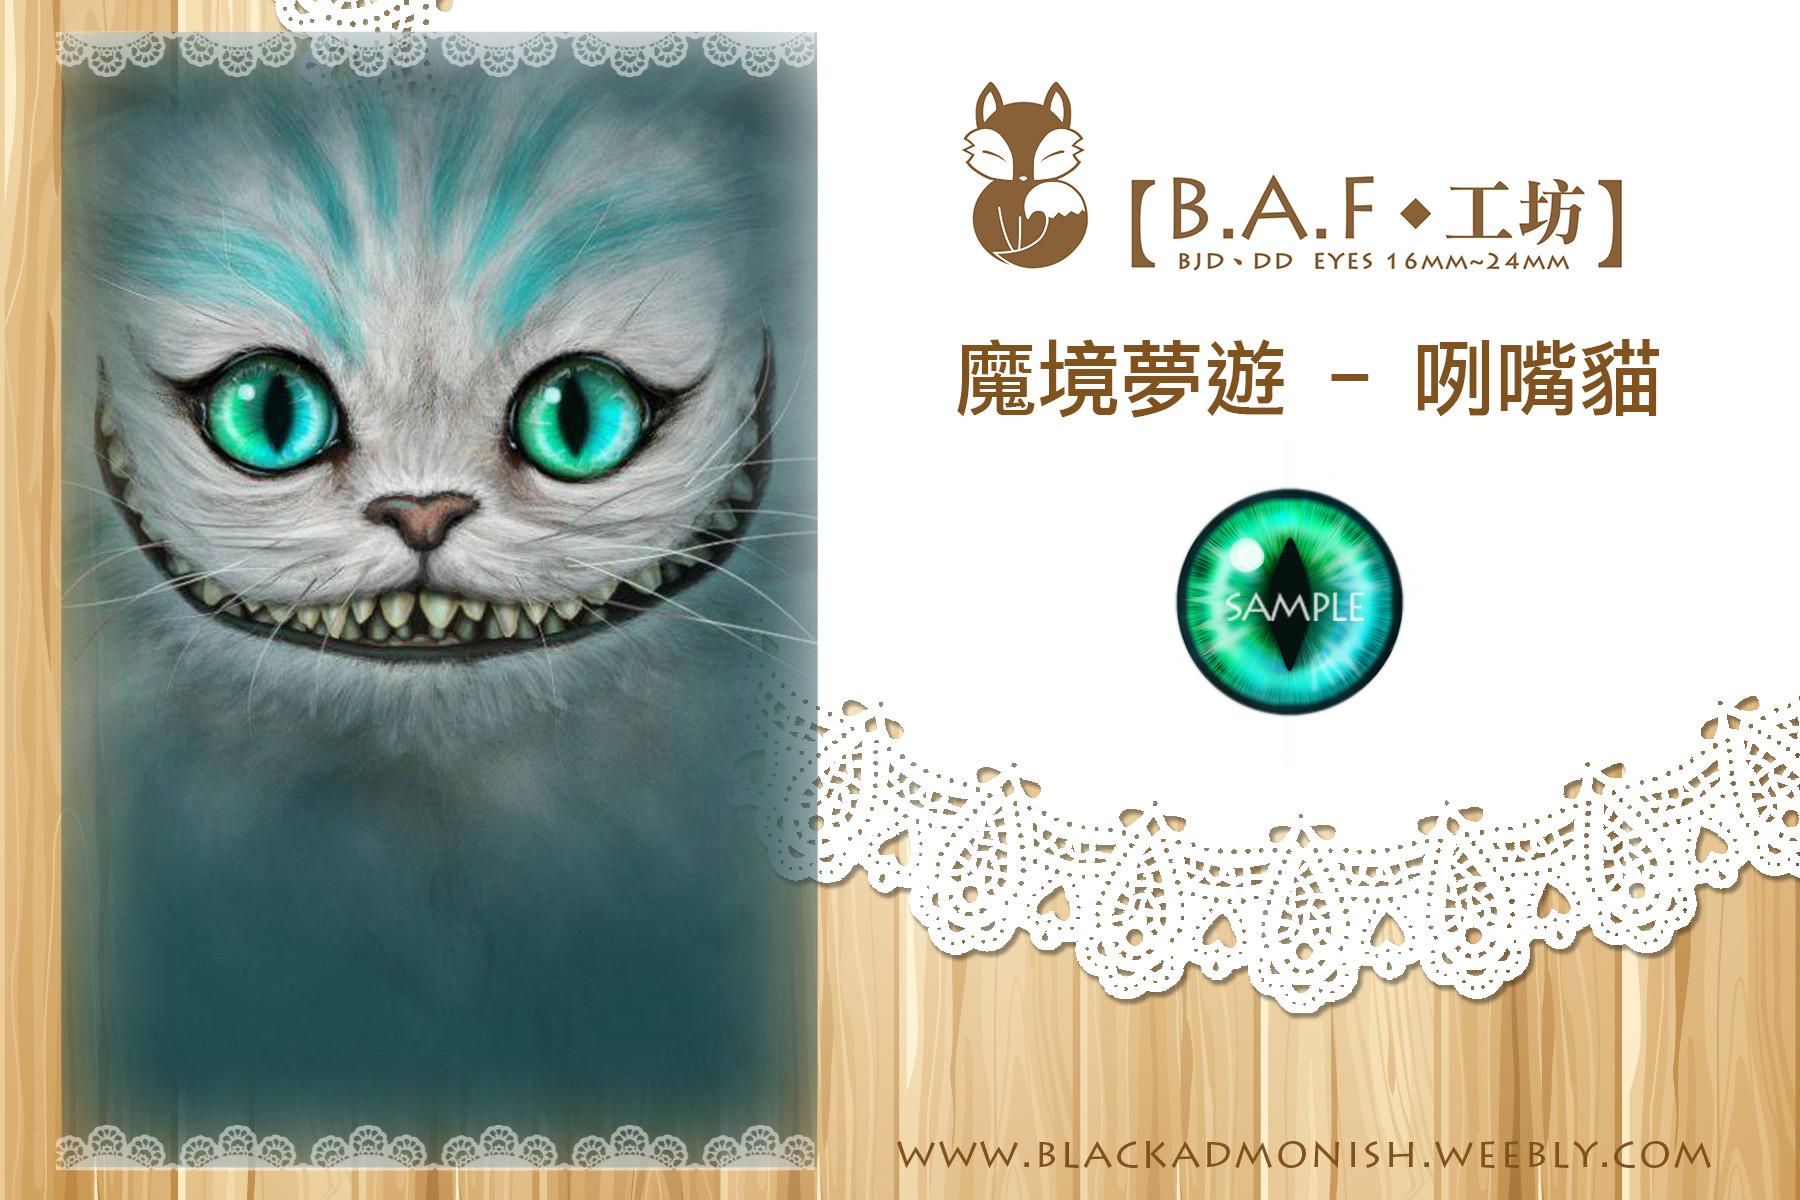 訂製眼-魔境夢遊-咧嘴貓